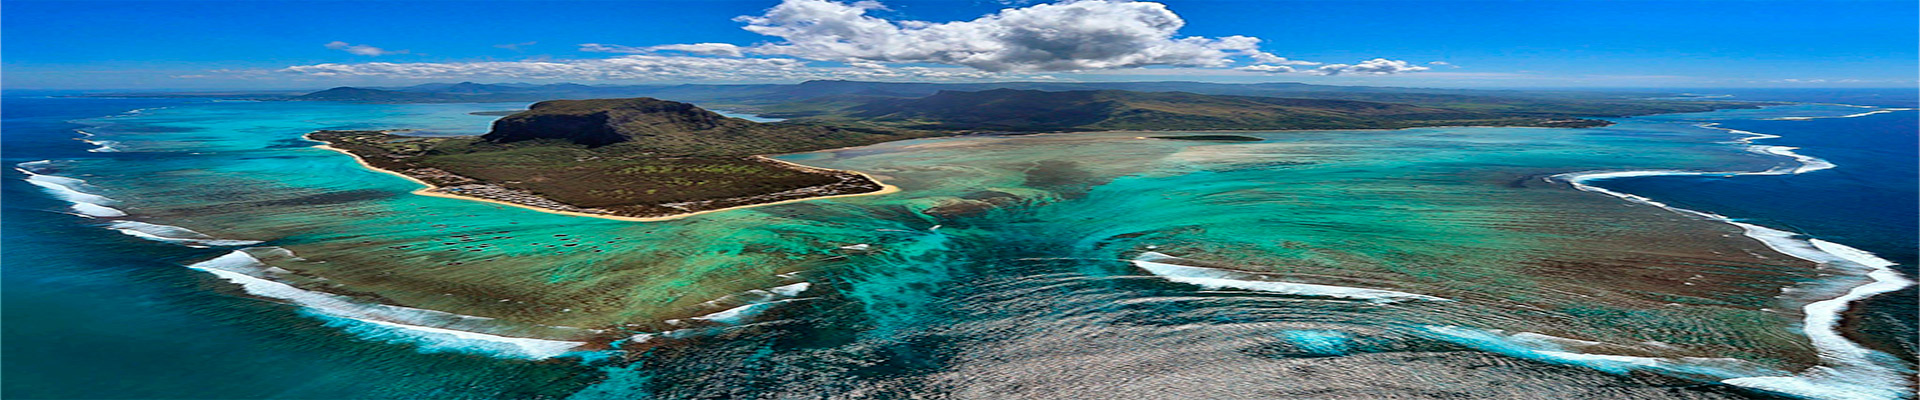 Especial Lua de Mel nas Ilhas Mauritius